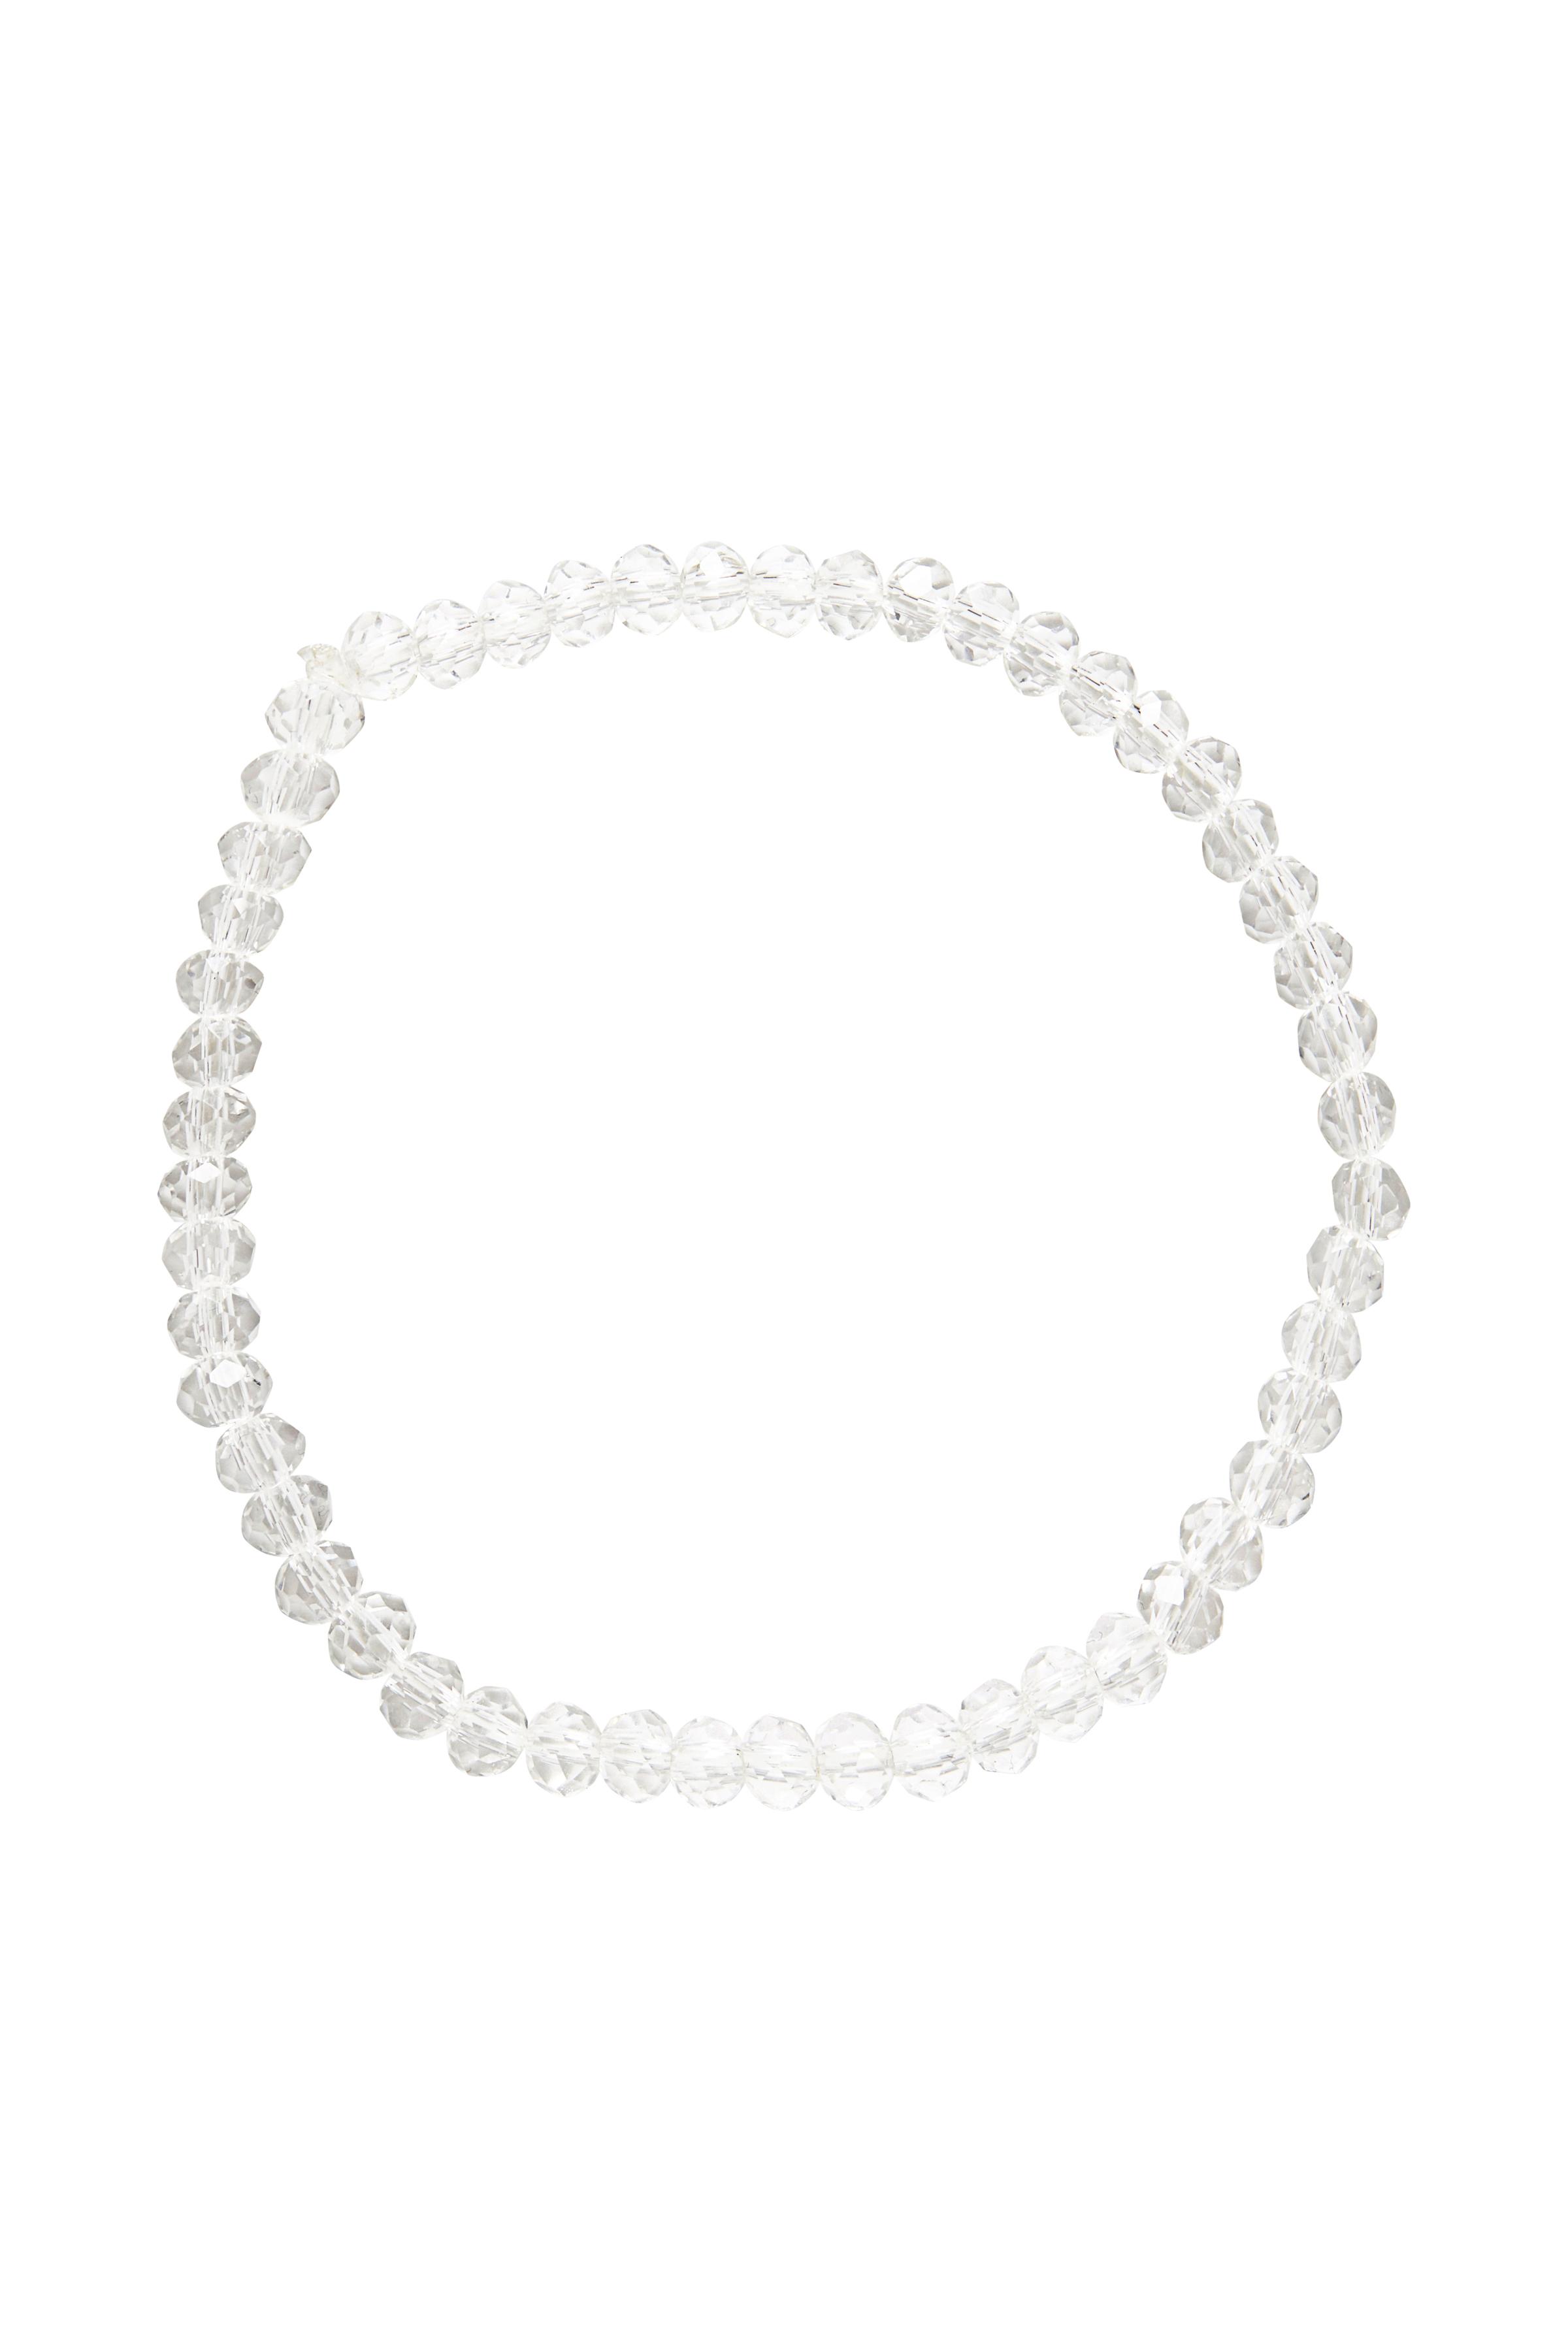 Fransa Dame Armbånd med elastik og perler. Fra Fransa. Brug det sammen med dine enkle armbånd. - Transparent